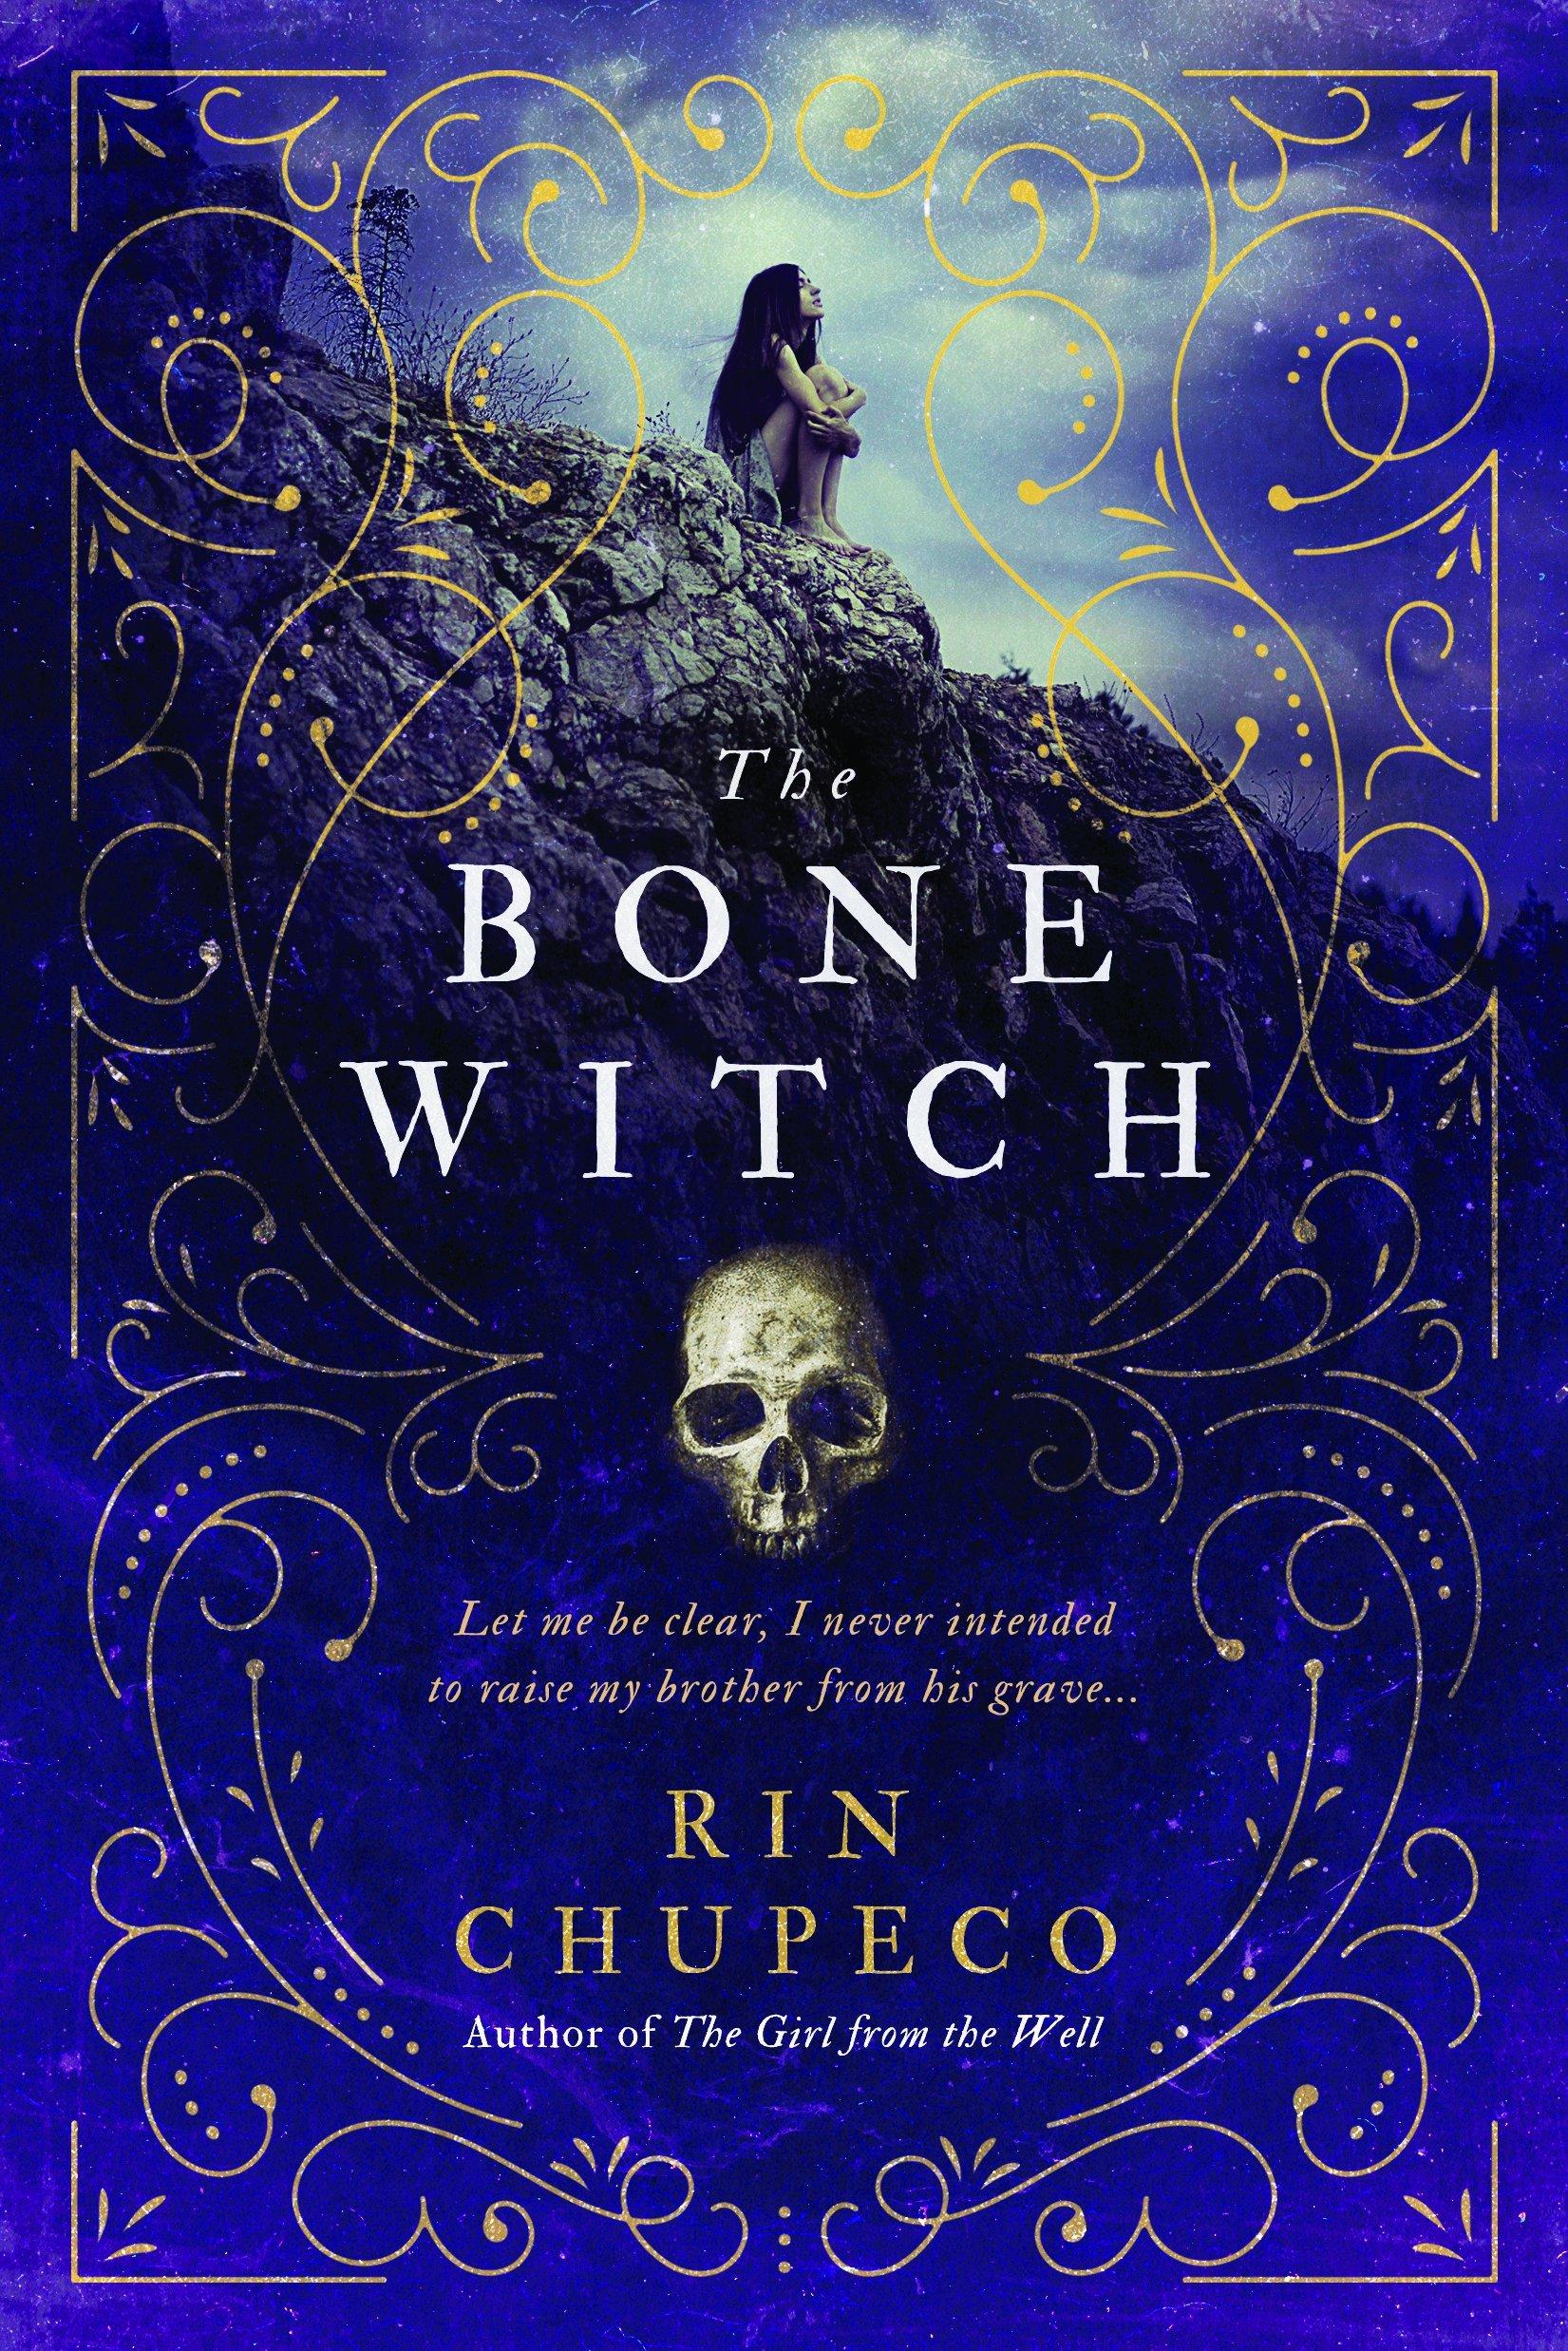 Amazon.com: The Bone Witch (0760789258824): Chupeco, Rin: Books